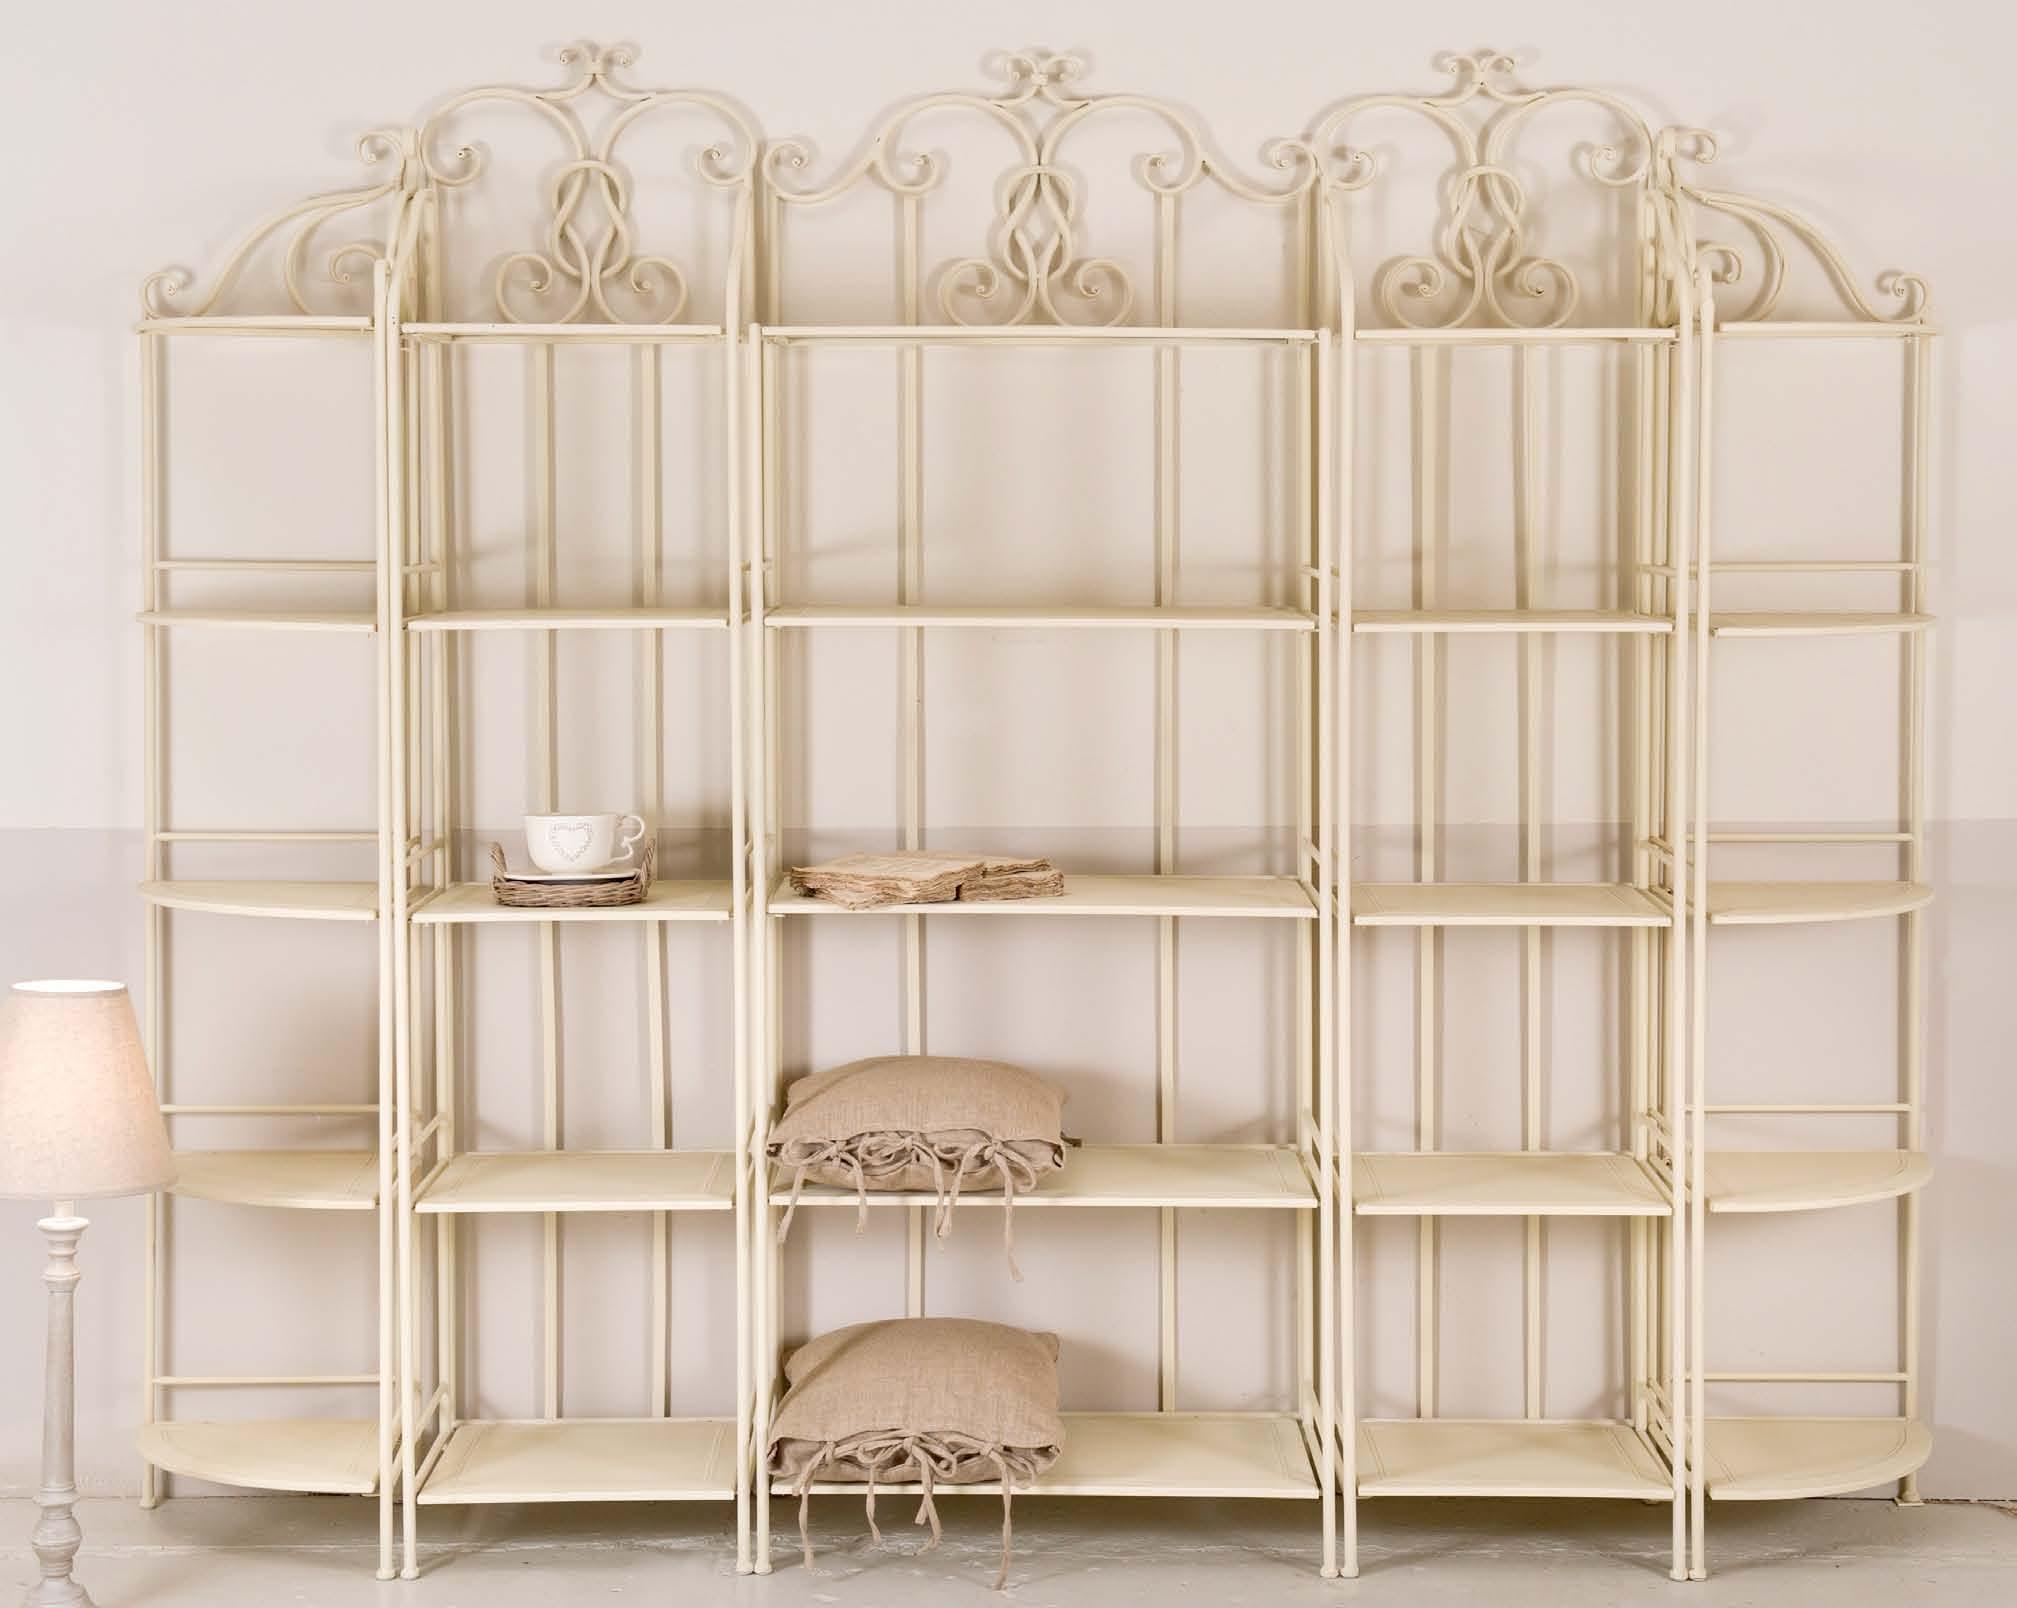 Composizione ferro battuto bianca maxi Outlet mobili etnici